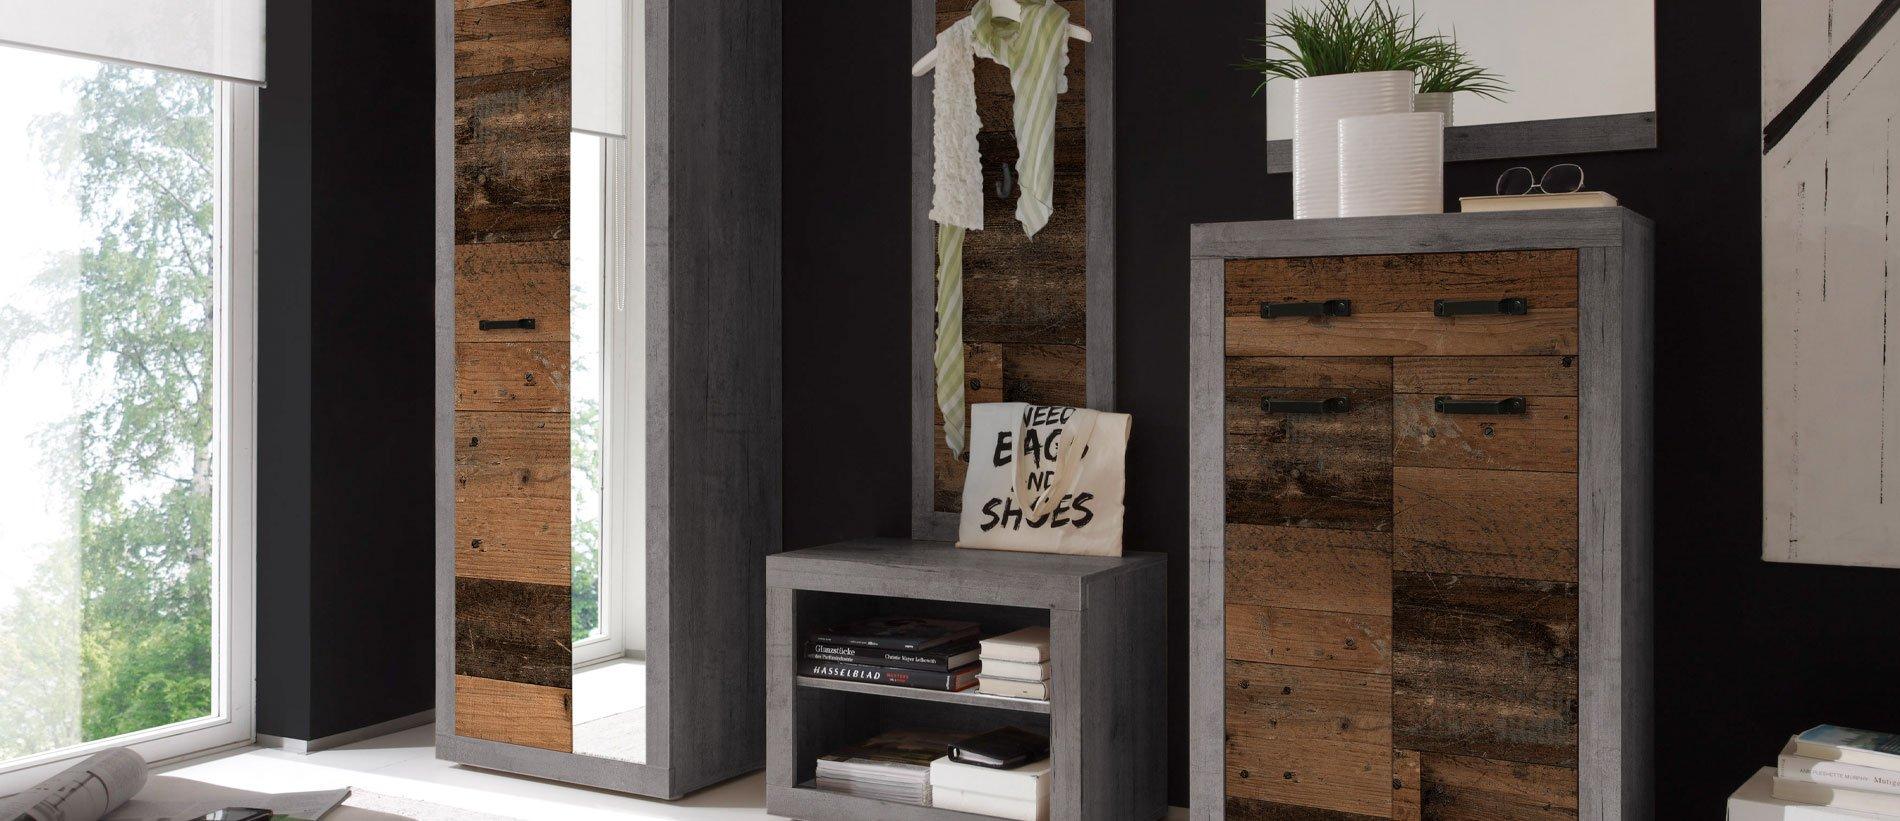 First Look – Indiana Garderobe, Betonoxid/Old Wood